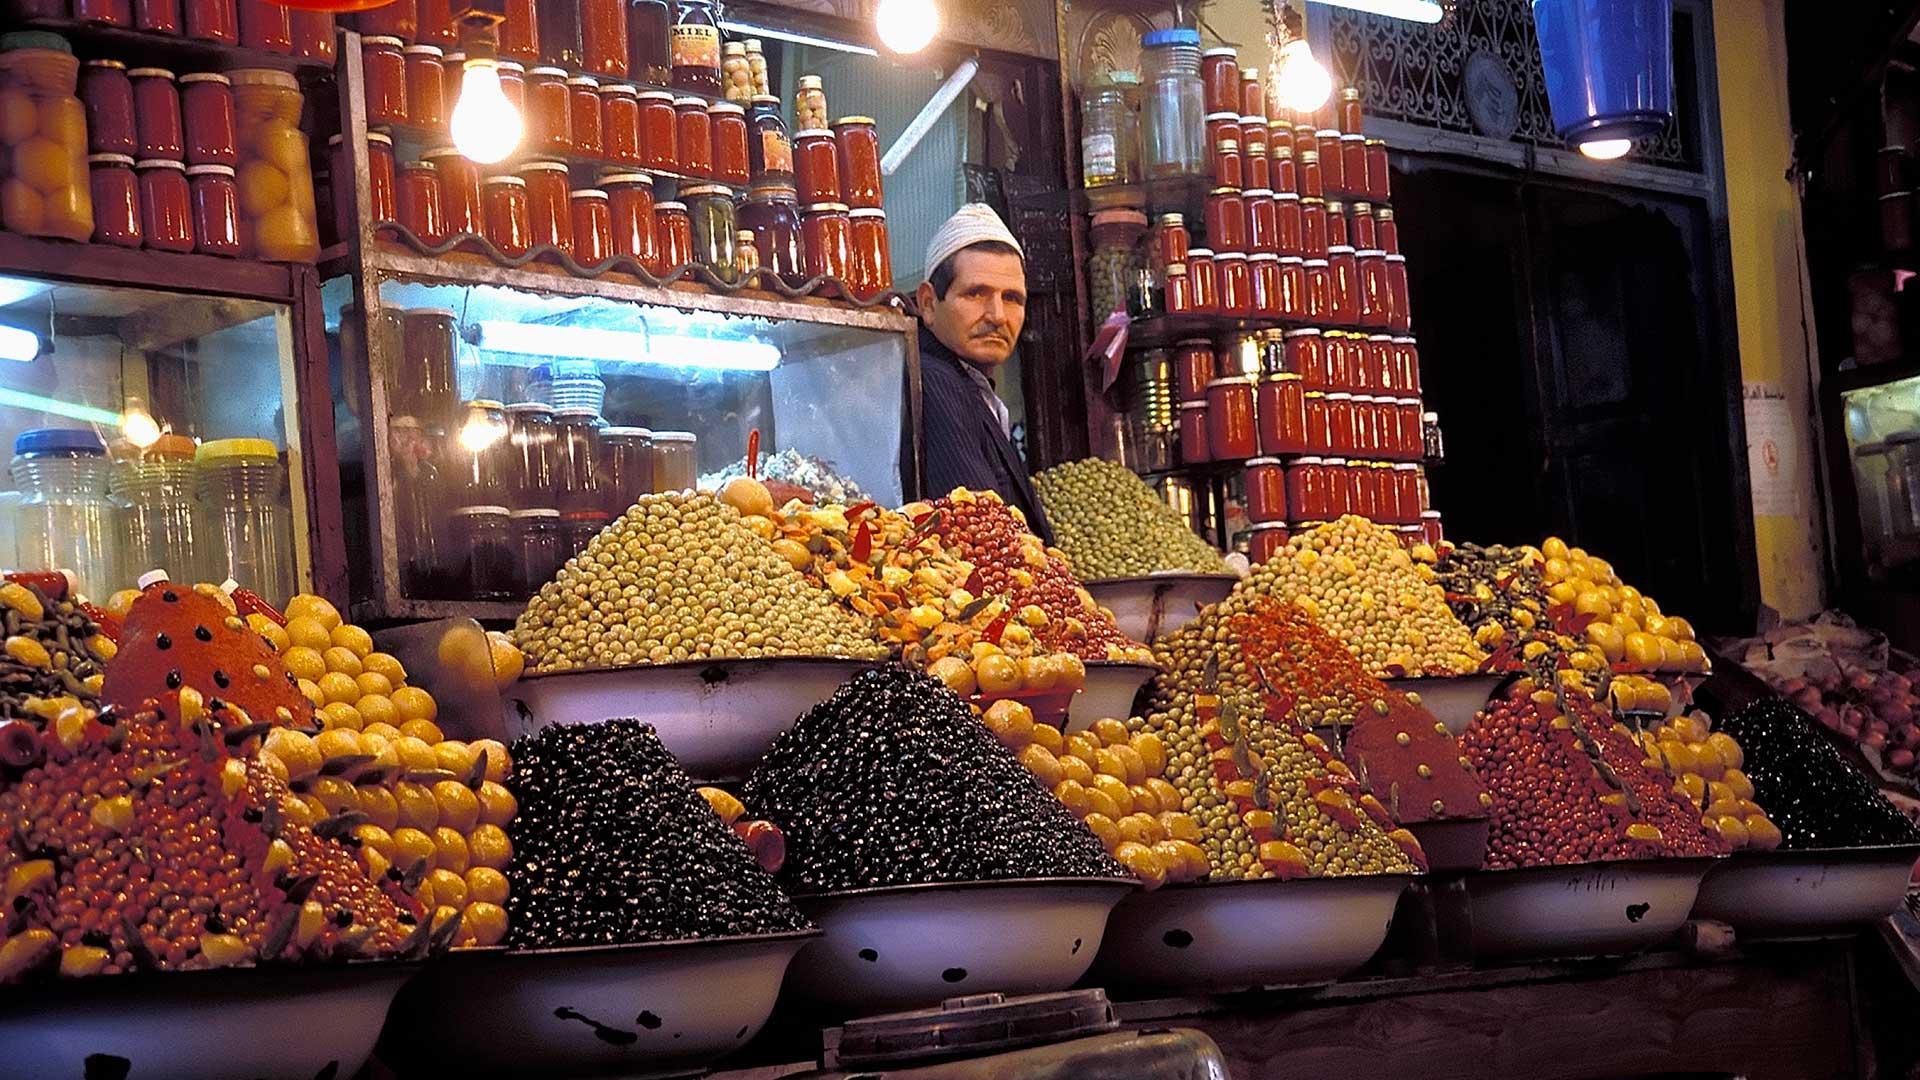 Olive vendor in the bazaar of the Medina of Meknes